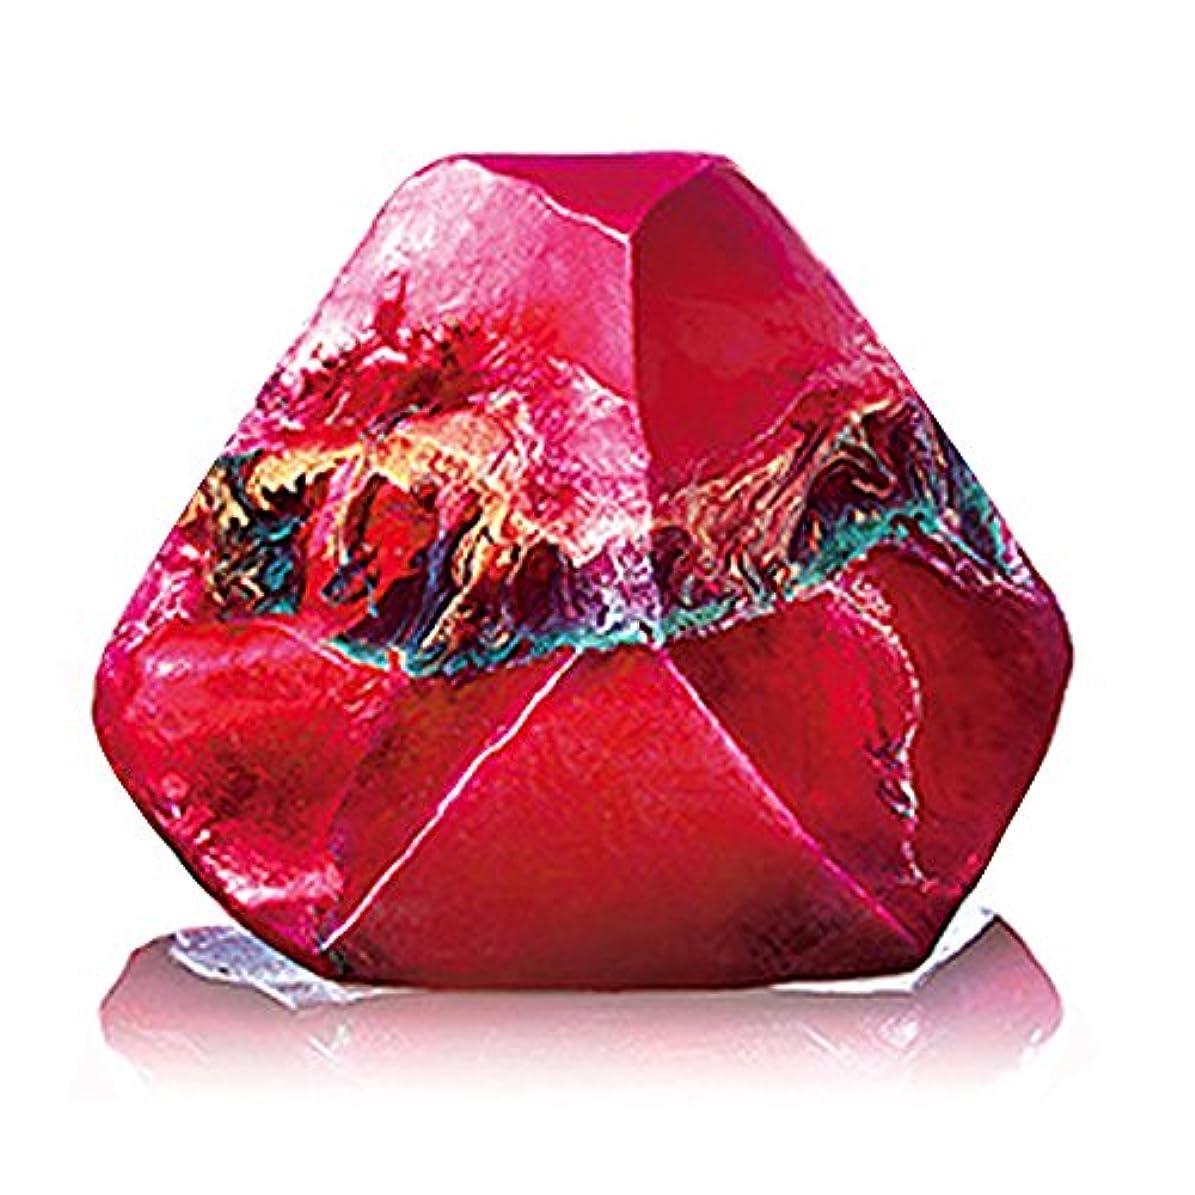 欲しいですネット爬虫類Savons Gemme サボンジェム 世界で一番美しい宝石石鹸 フレグランス ソープ ガーネット ミニ 114g